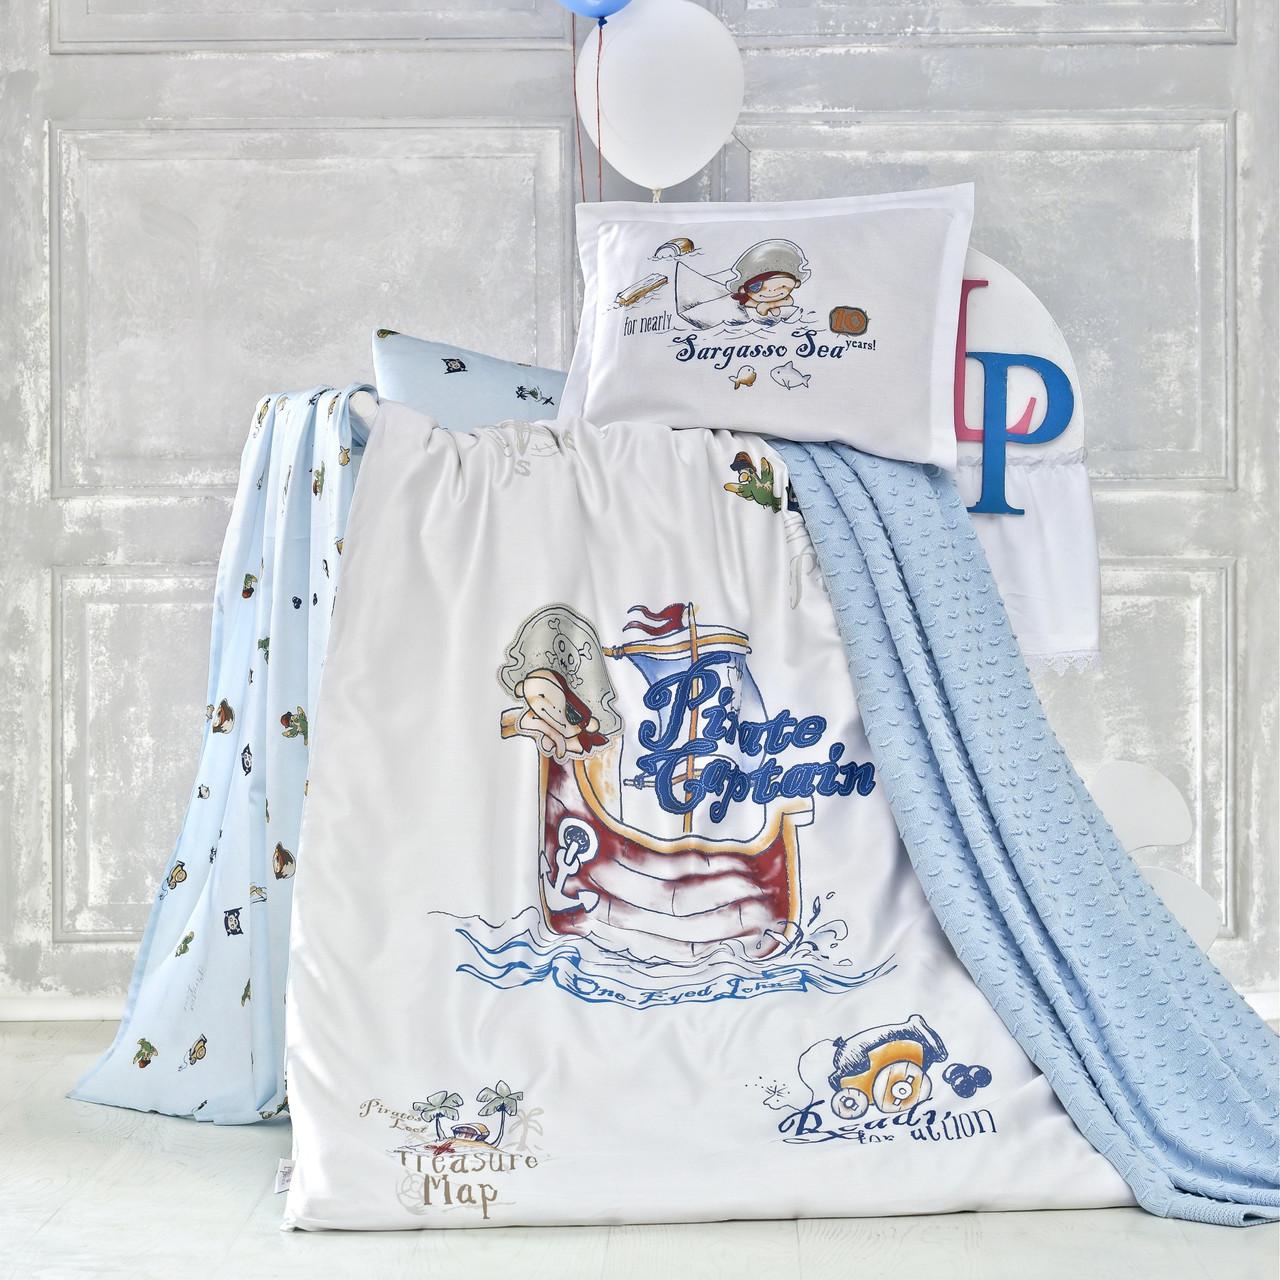 Комплект детского постельного белья с пледом Pirates, Luoca Patisca